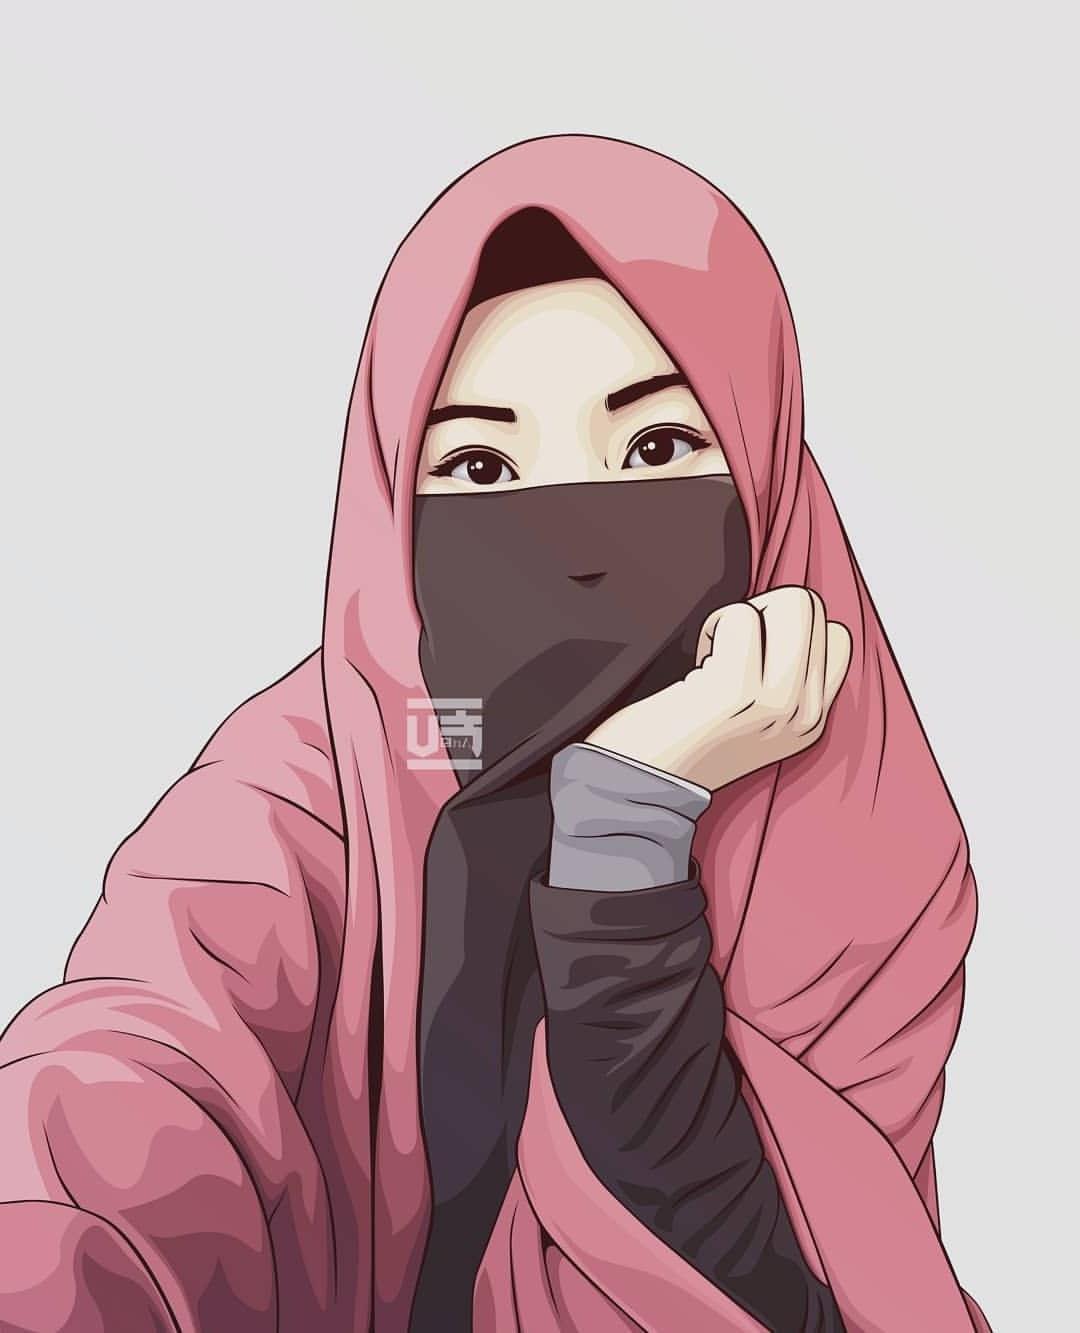 Ide Muslimah Bercadar Bqdd 1000 Gambar Kartun Muslimah Cantik Bercadar Kacamata El